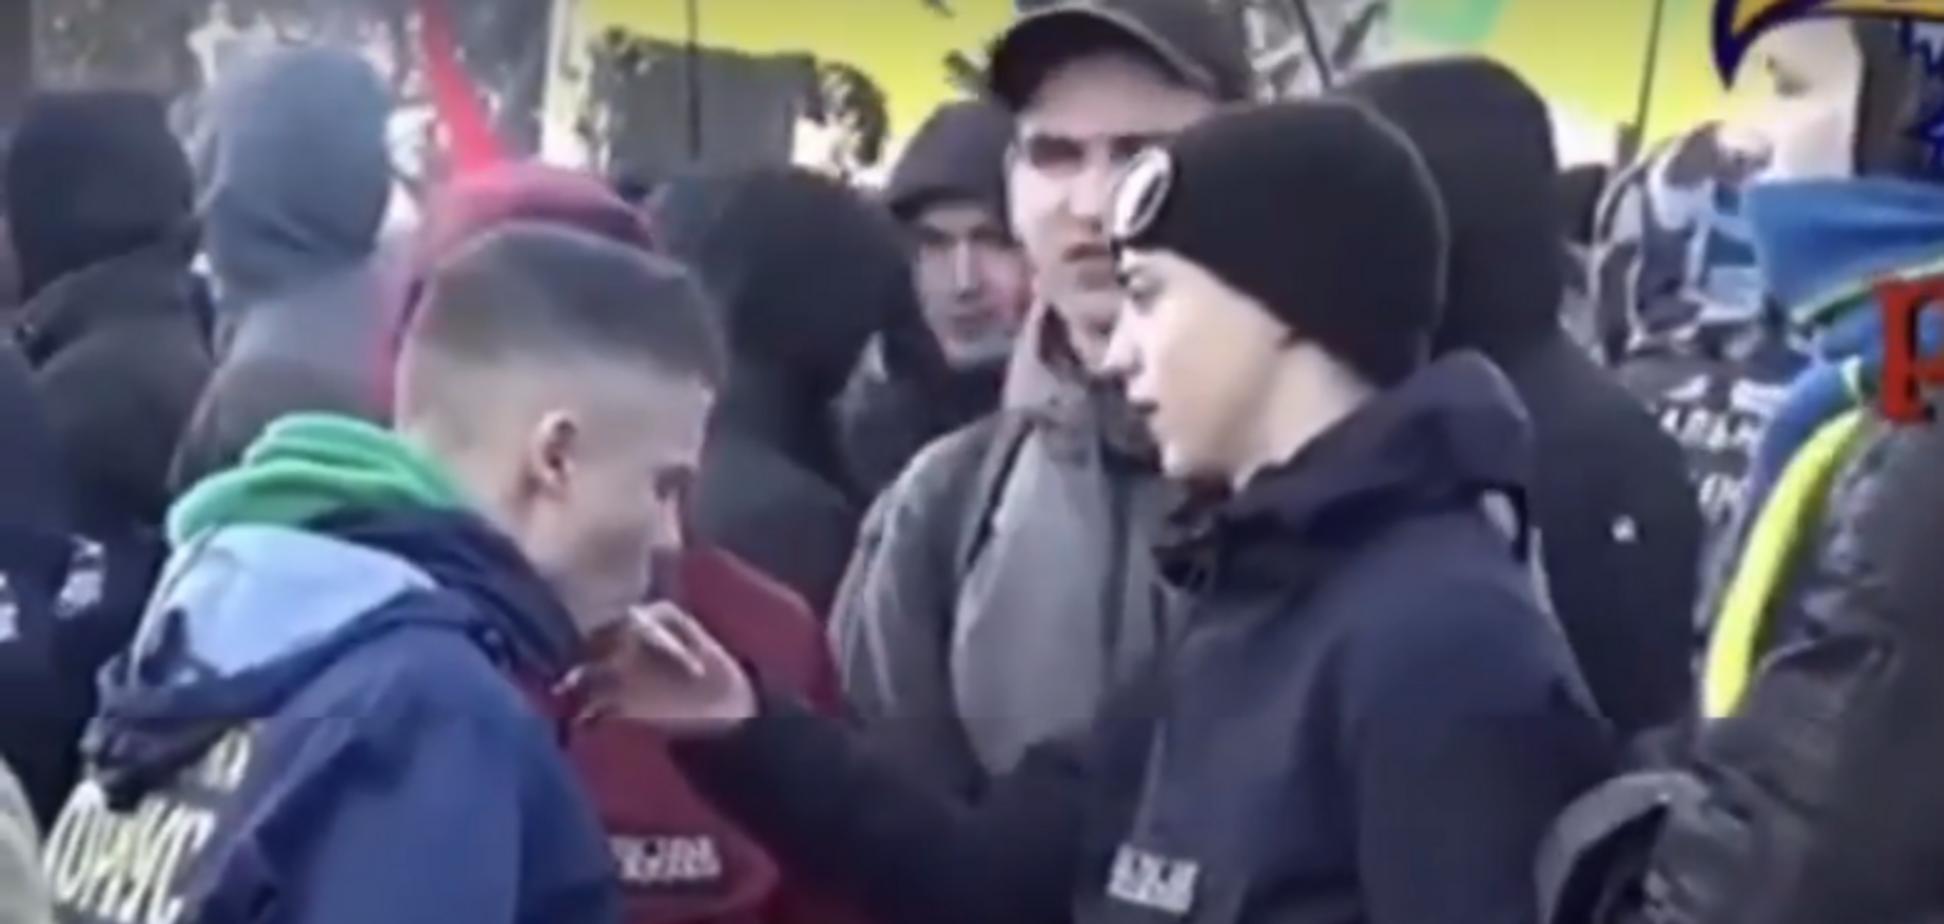 'Молодые аграрии курят новый урожай': видео с детьми на протестах под Радой разозлило украинцев